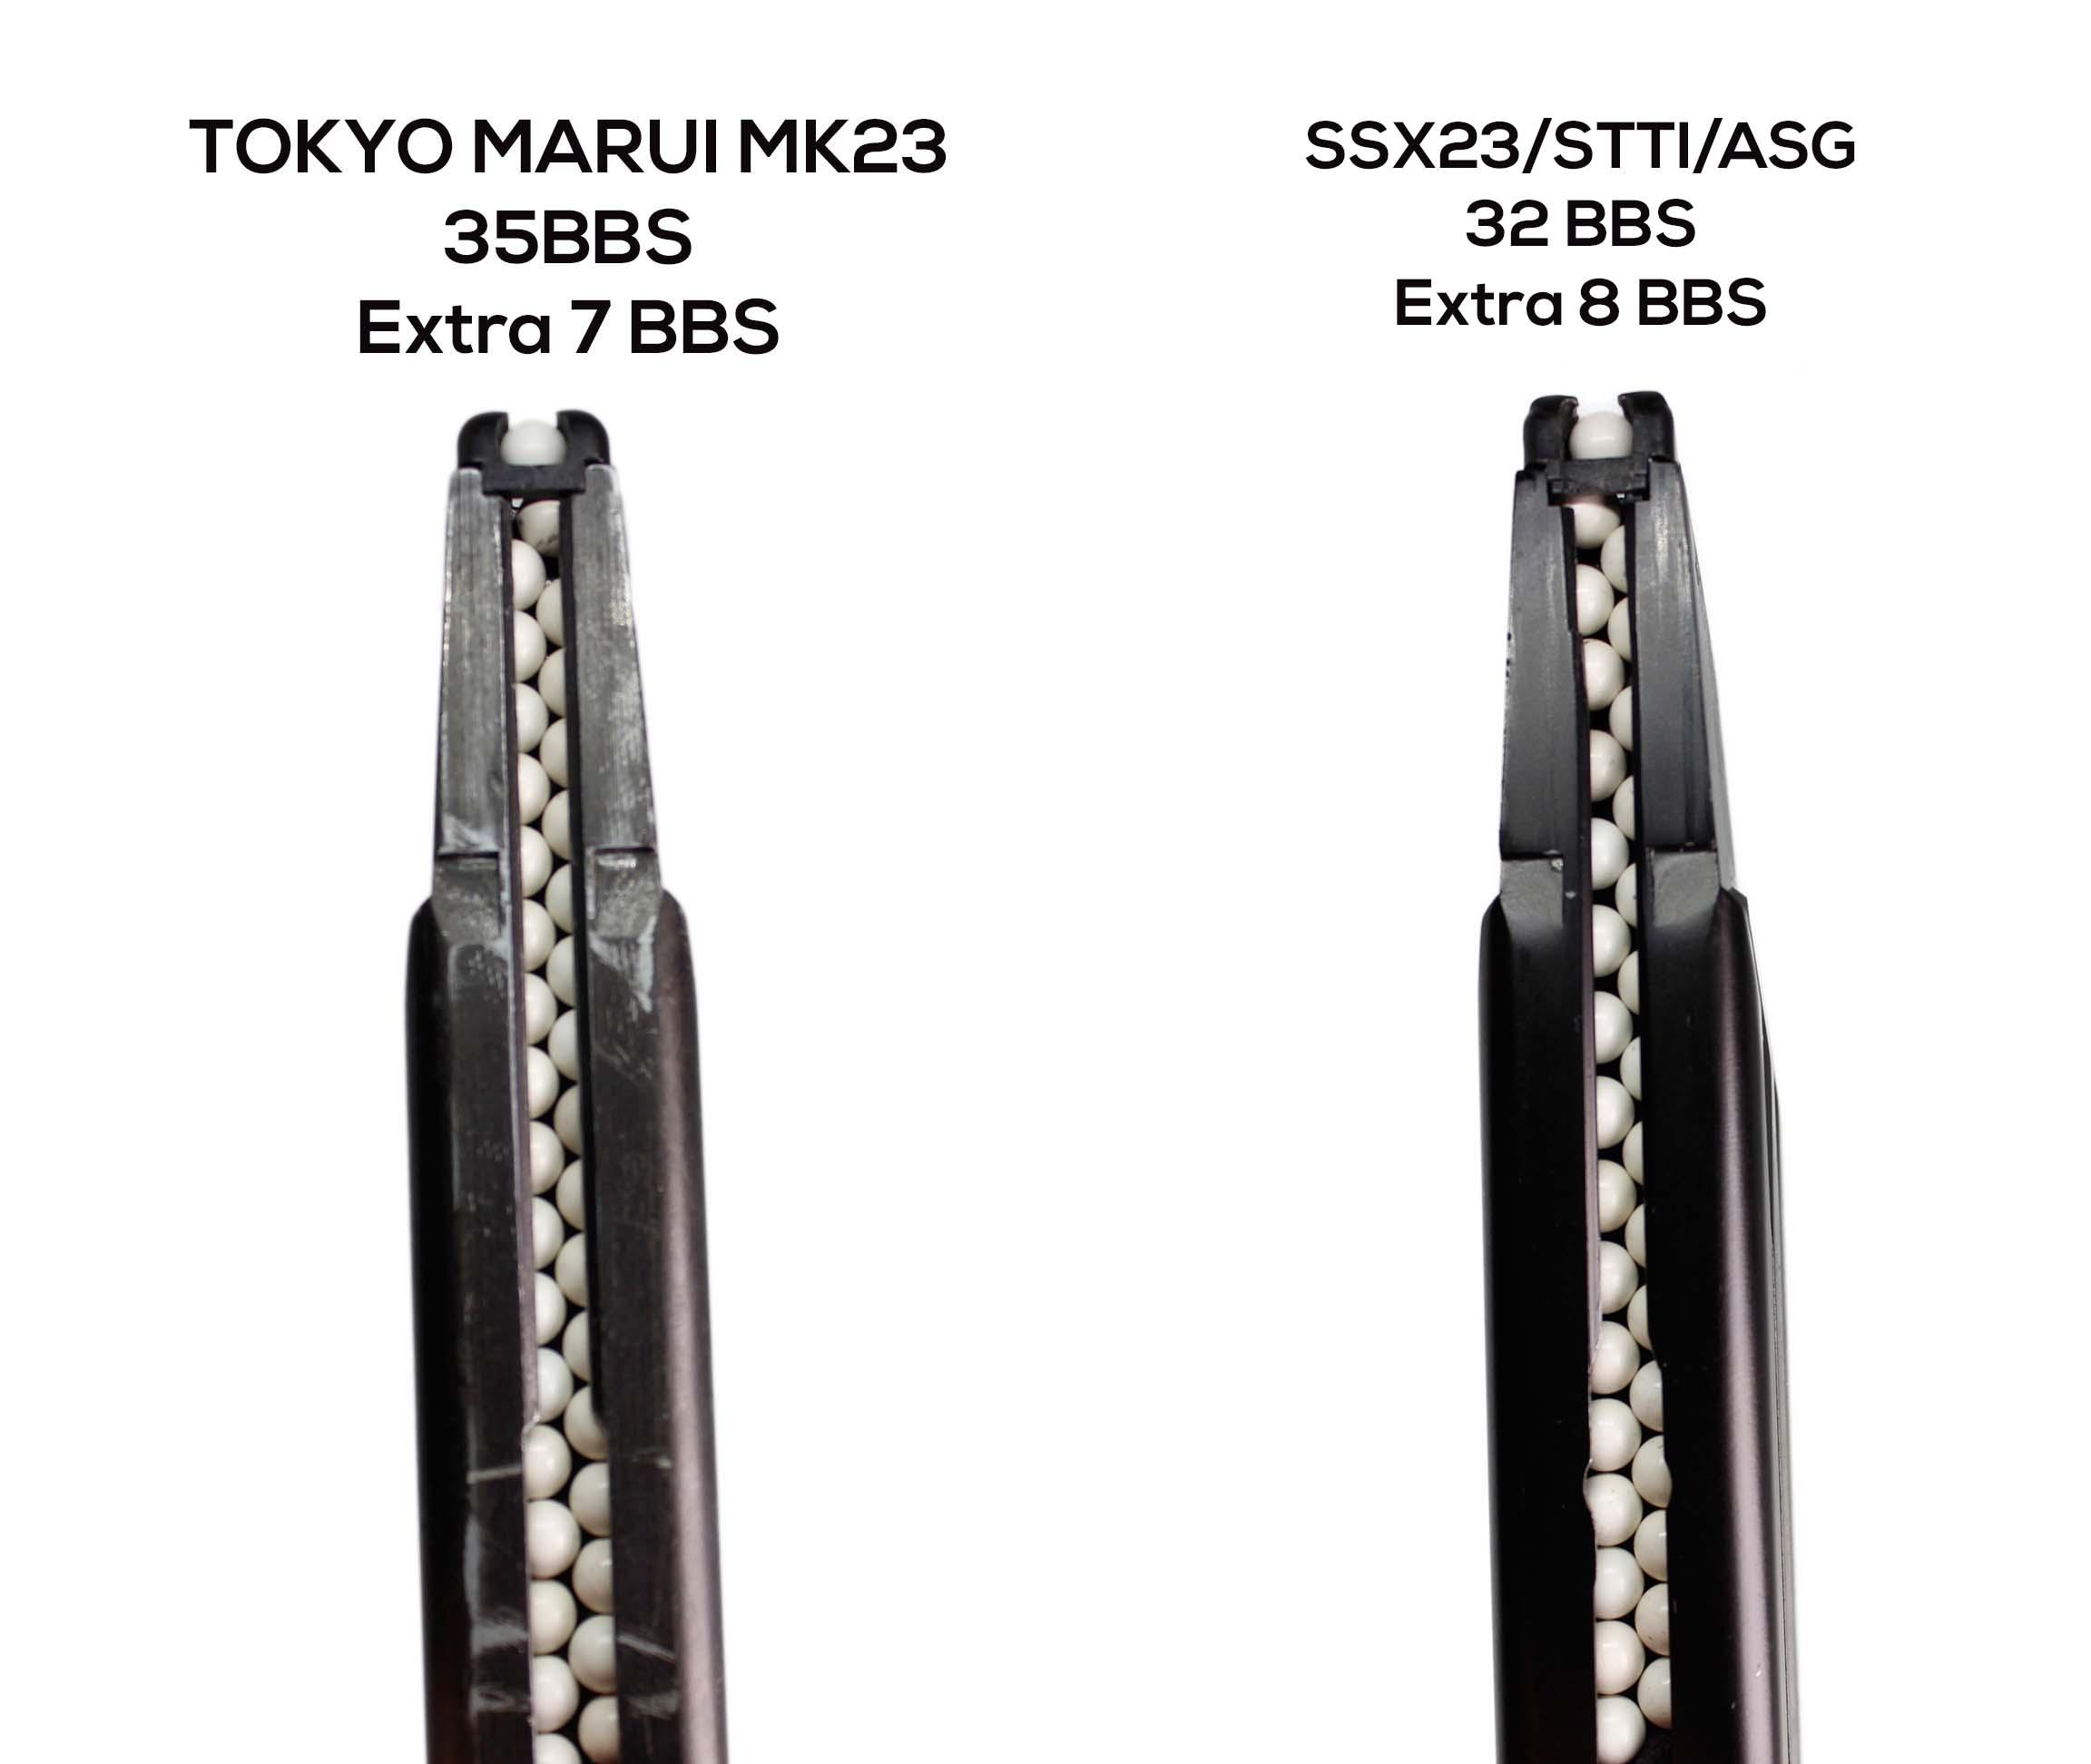 MK23 SSX23 Best Upgrade 2